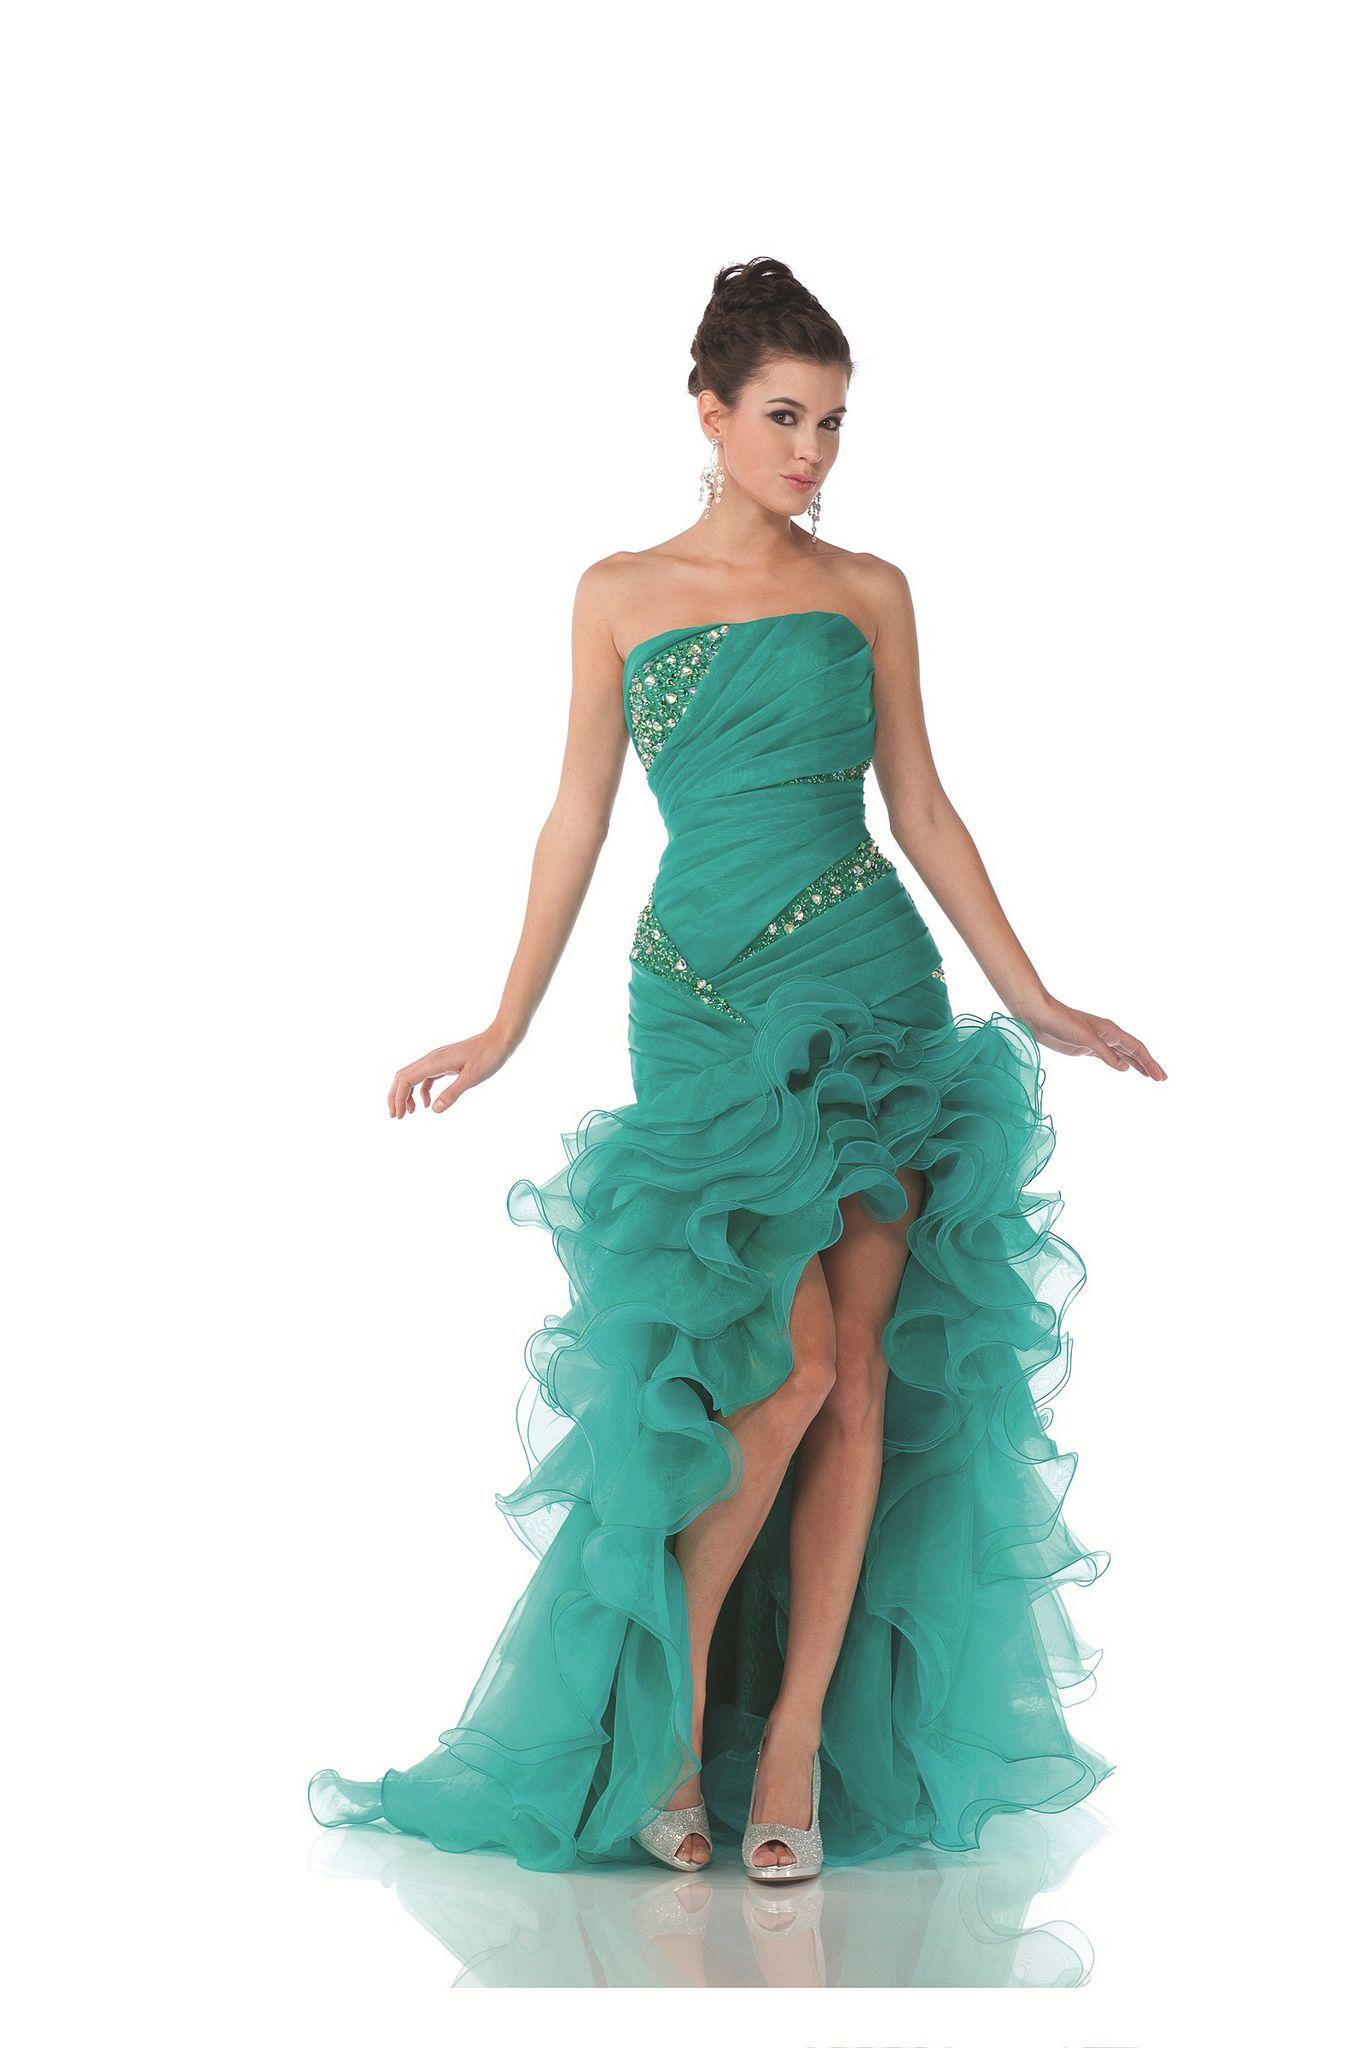 Encantador Milanuncios Vestido De Novia Foto - Ideas de Vestidos de ...